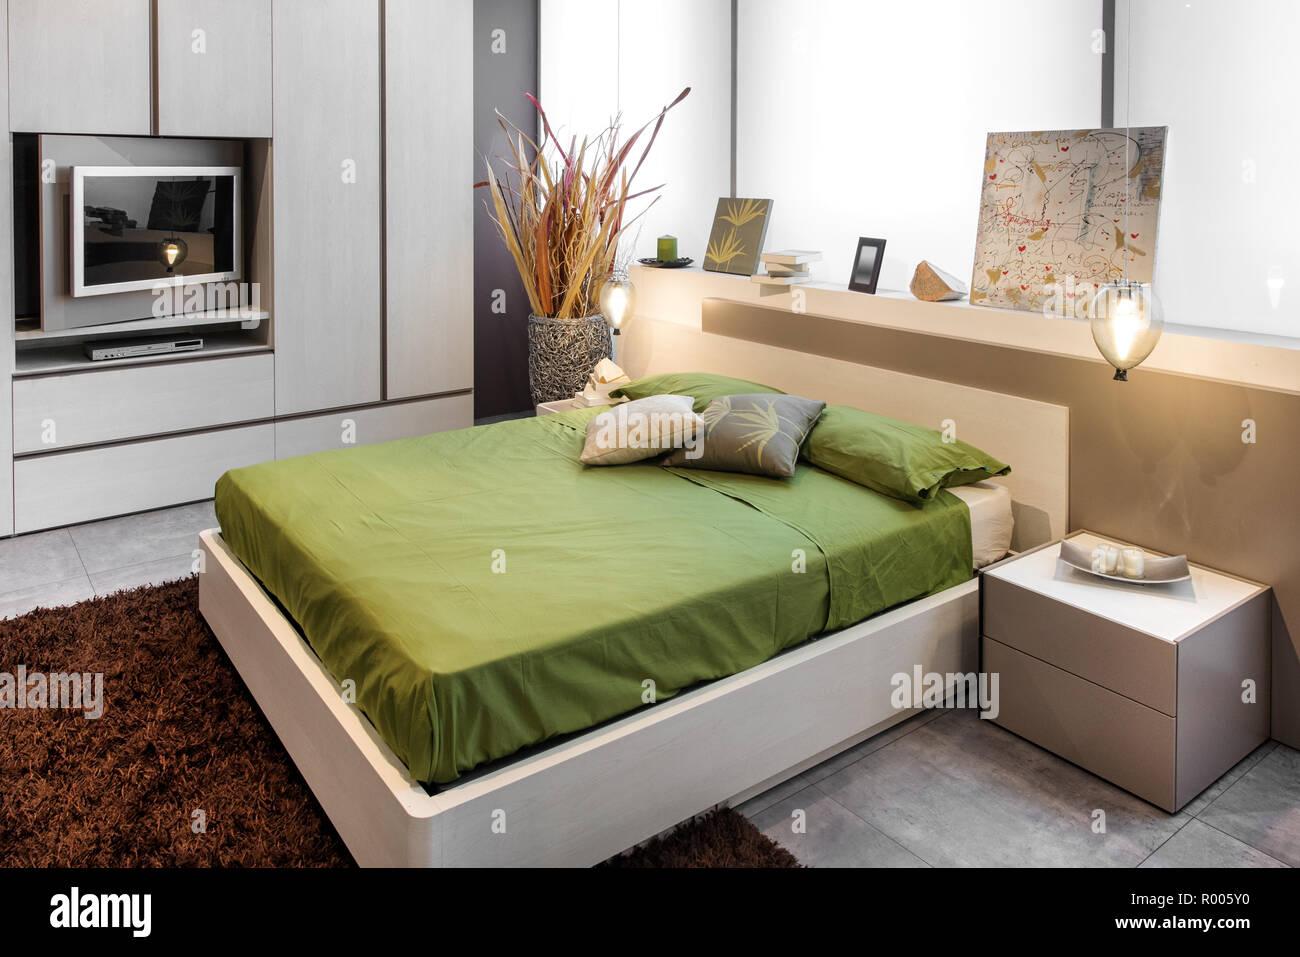 Dormitorio moderno diseño con gran cama doble con ropa de cama de color verde y marrón alfombra en el suelo Imagen De Stock